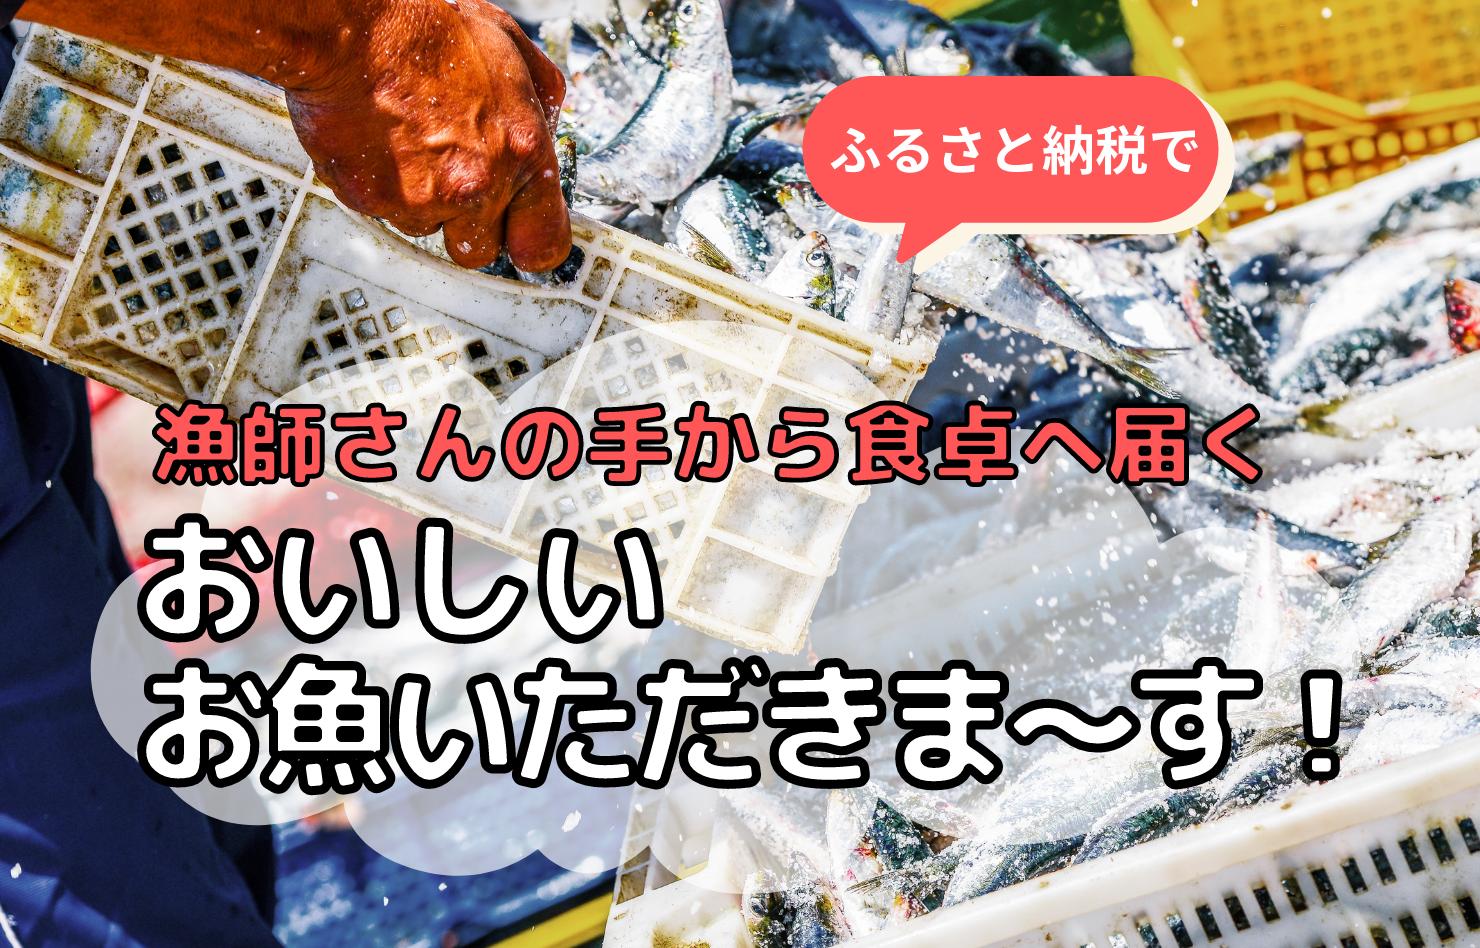 ふるさと納税で漁師さんの手から食卓へ届く、おいしいお魚いただきま〜す!